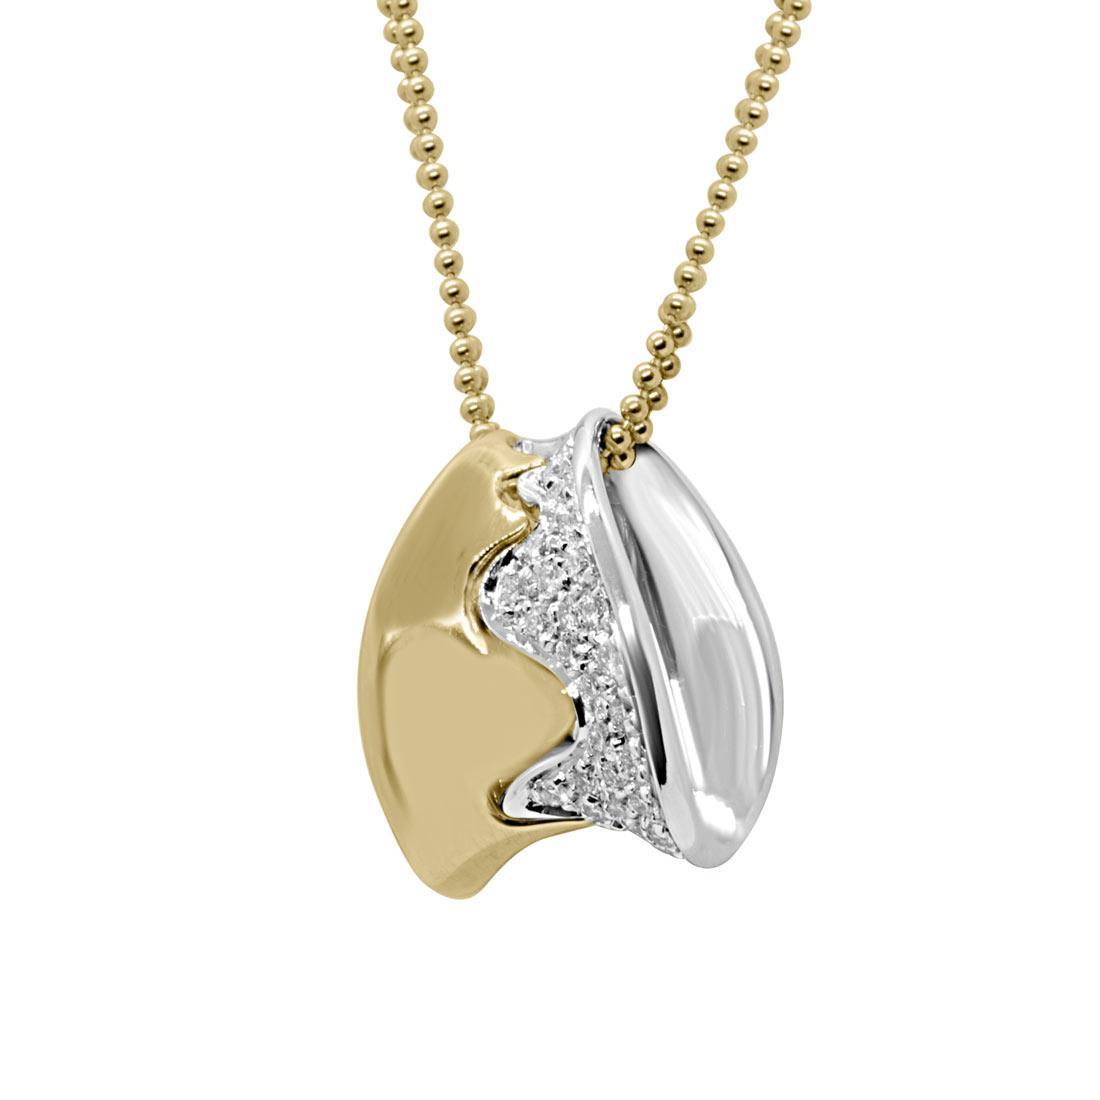 Collana in oro bianco e giallo con diamanti  - ALFIERI & ST. JOHN